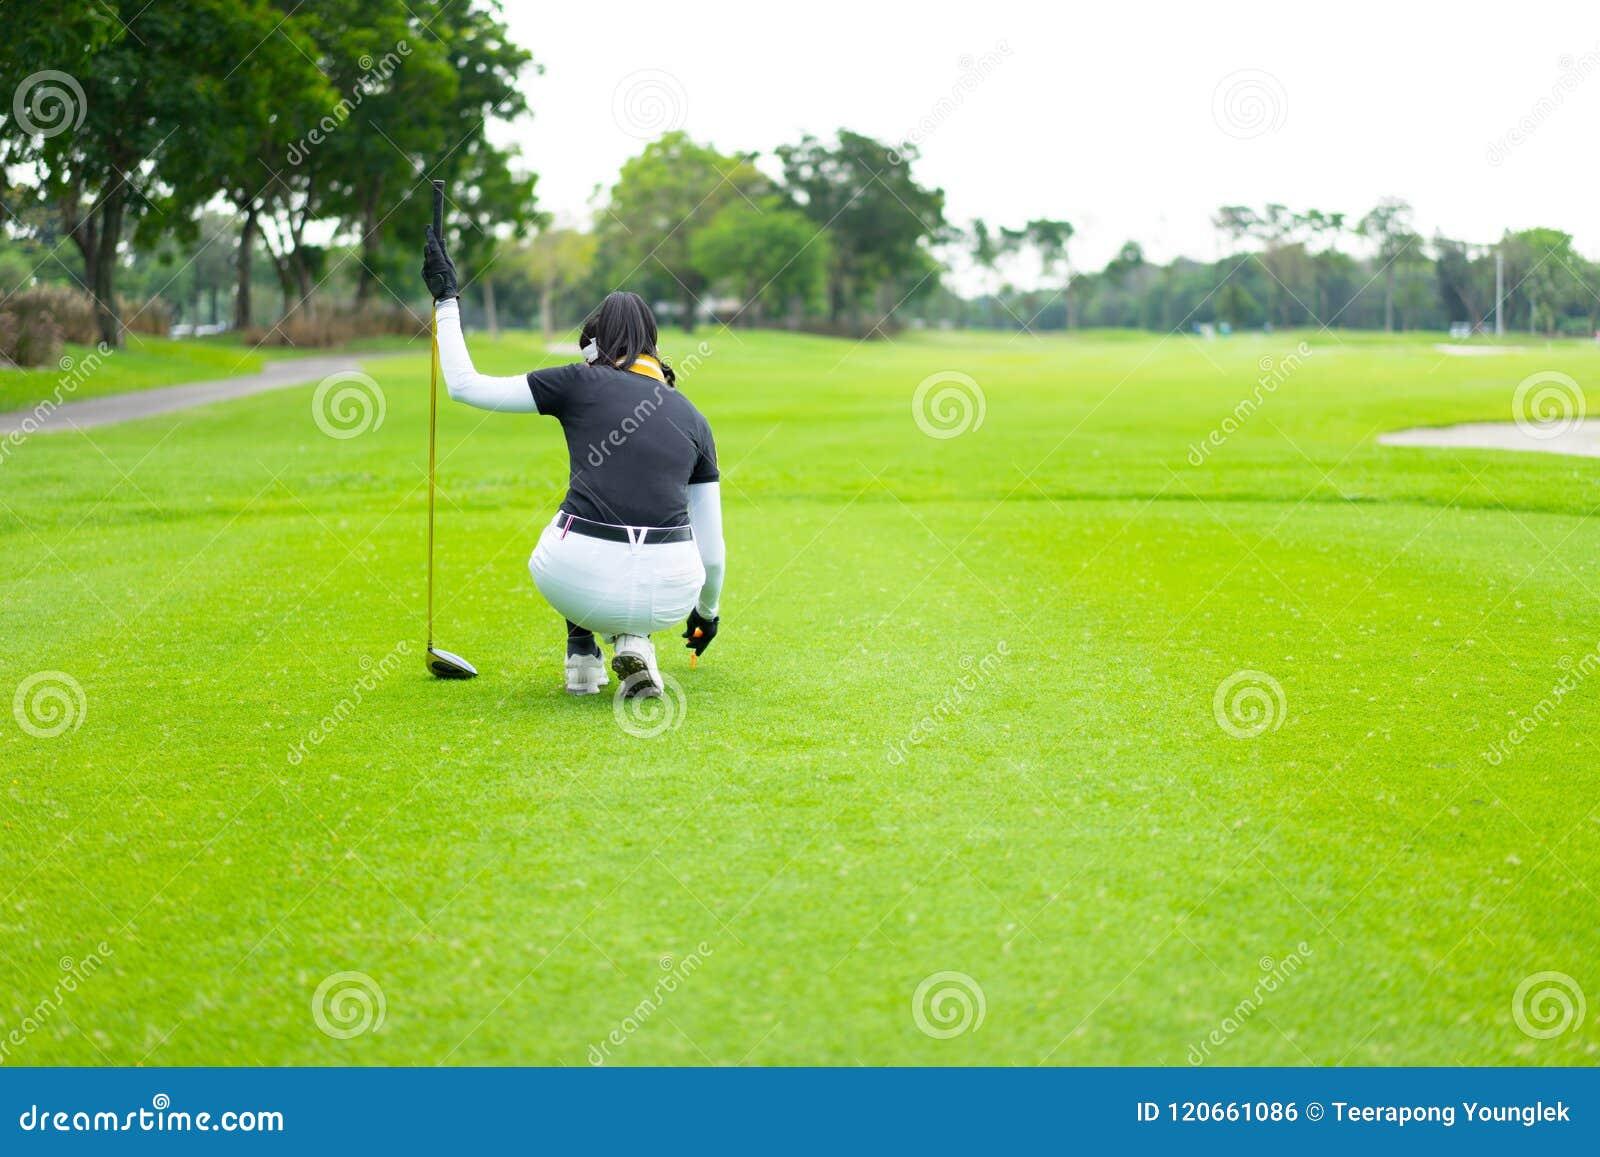 Principio de una victoria golfing de un golfista femenino